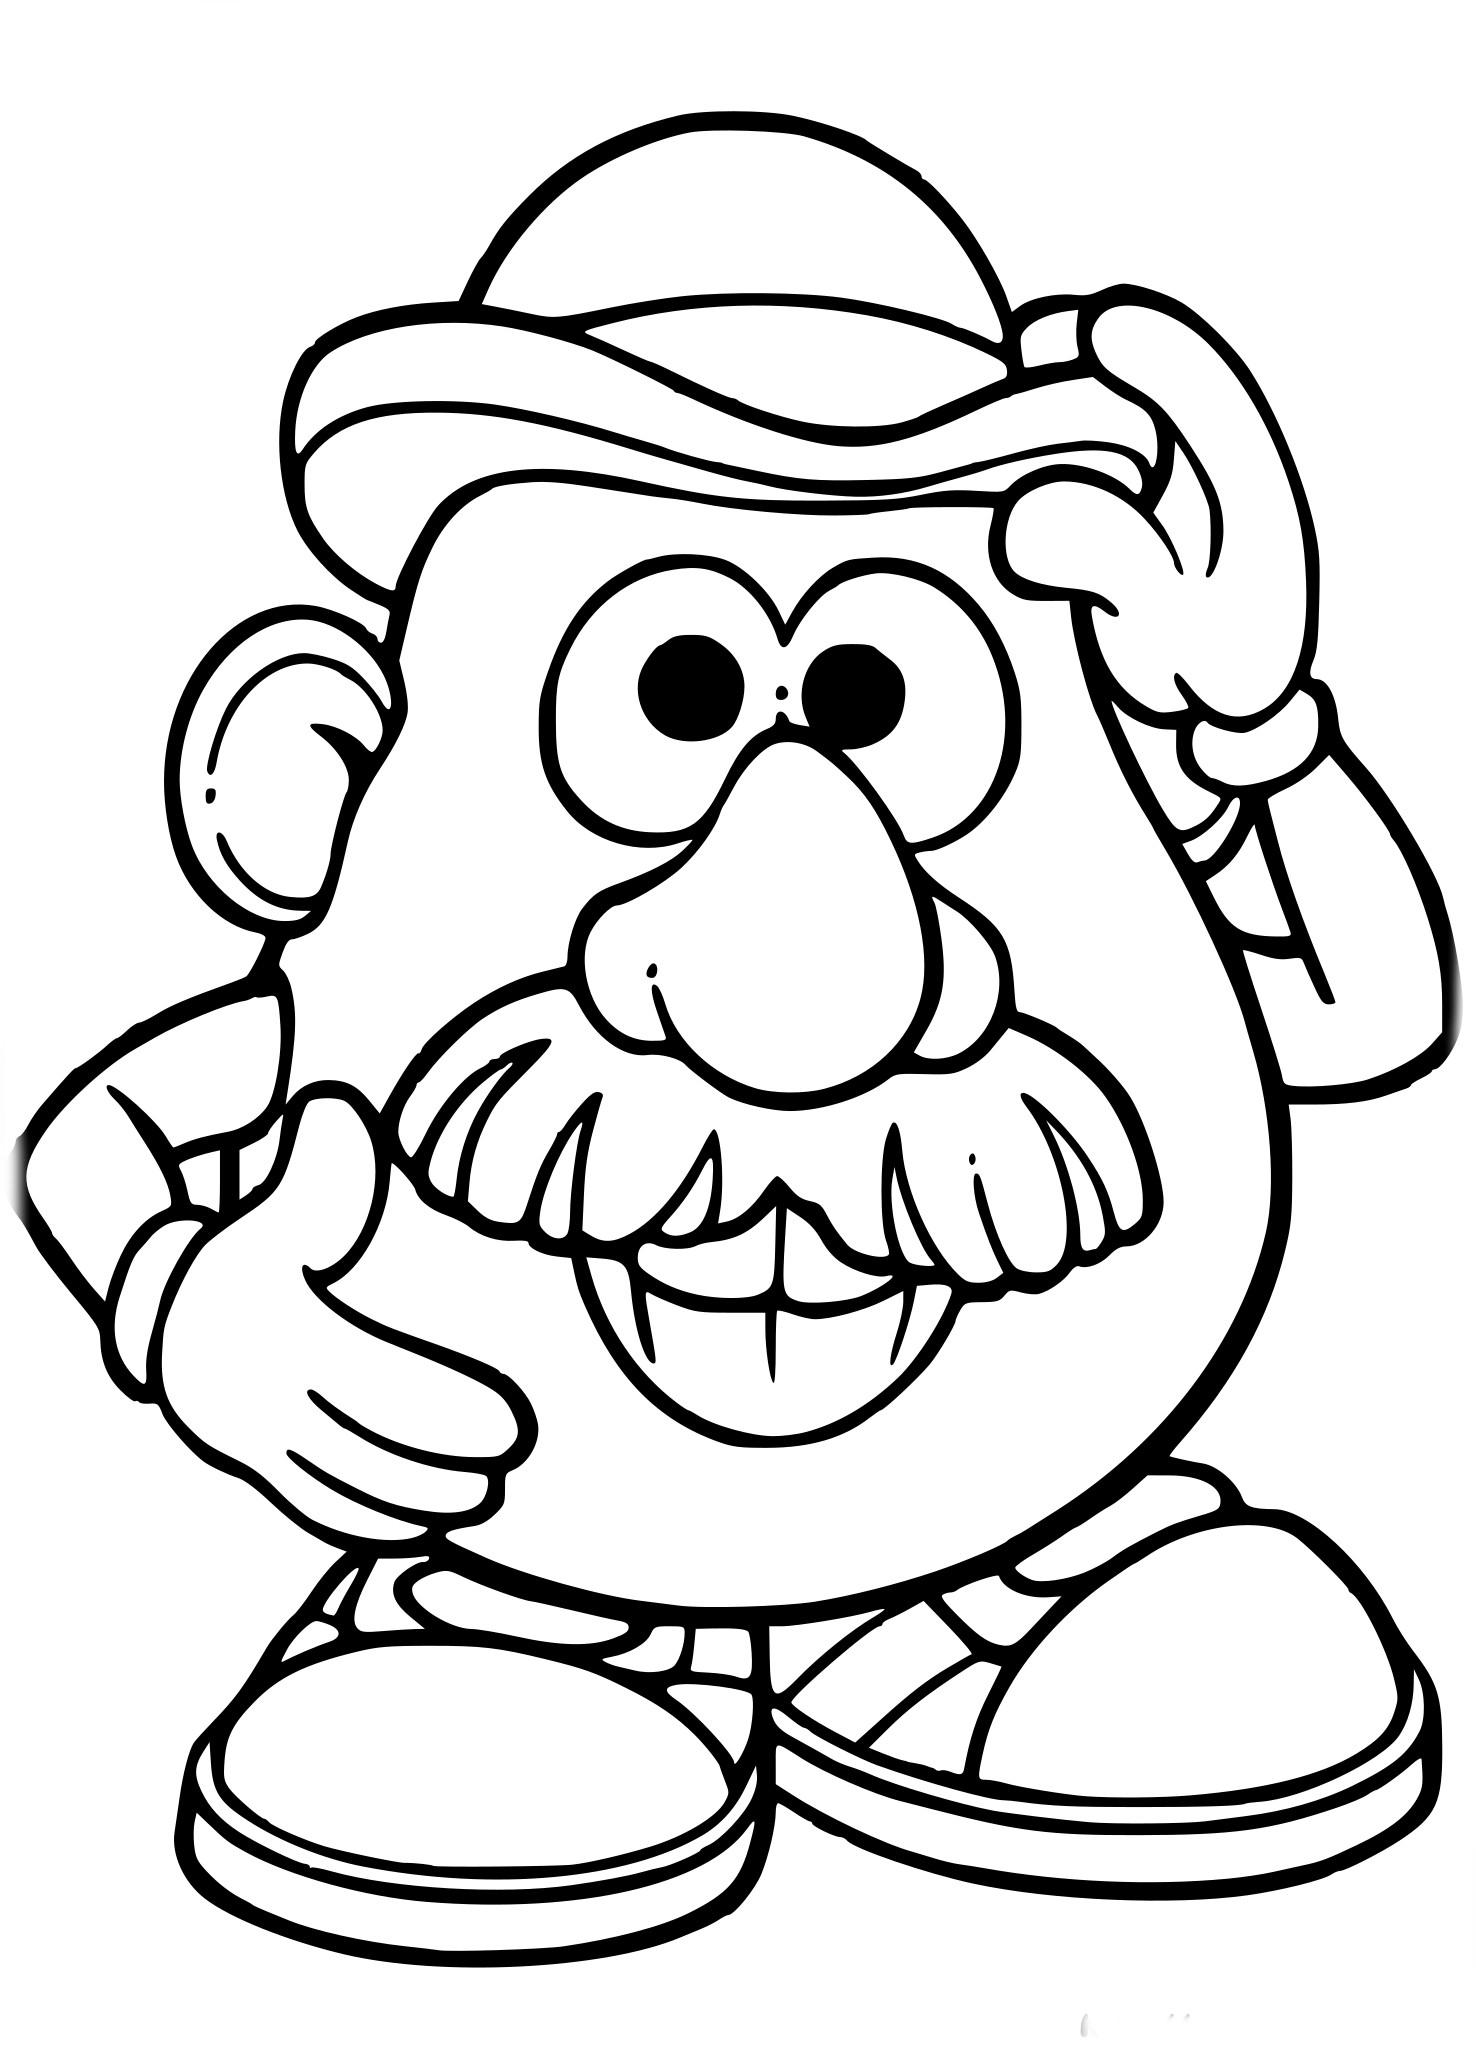 Coloriage De Monsieur Patate À Imprimer Sur Coloriage De tout Mr Patate Coloriage